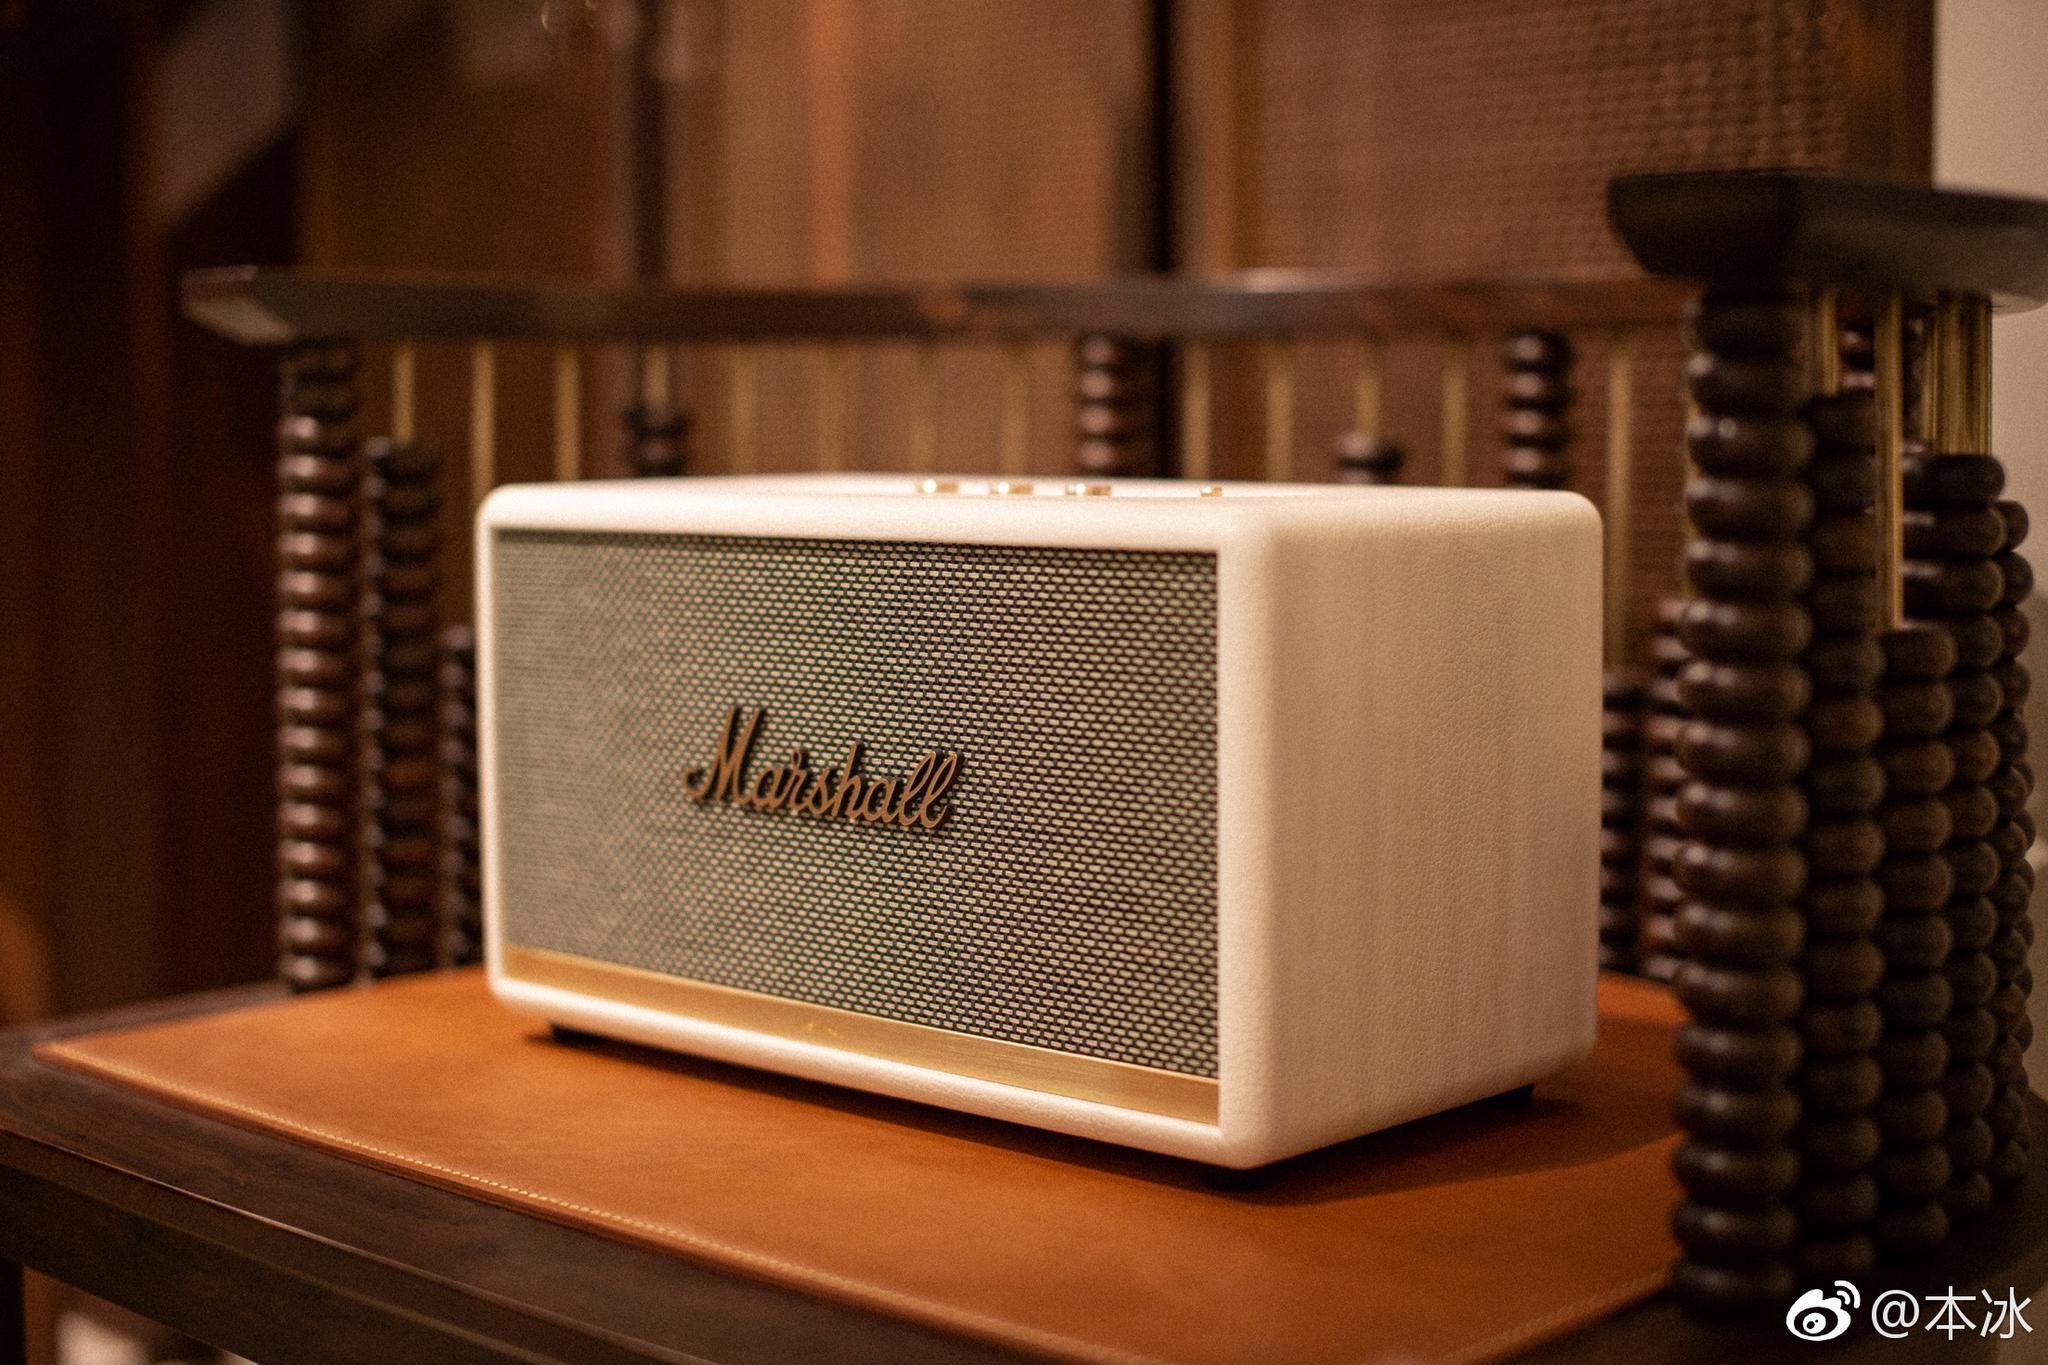 完美传承了marshall的设计元素,从外观到质感再到音质和内涵都摇滚感